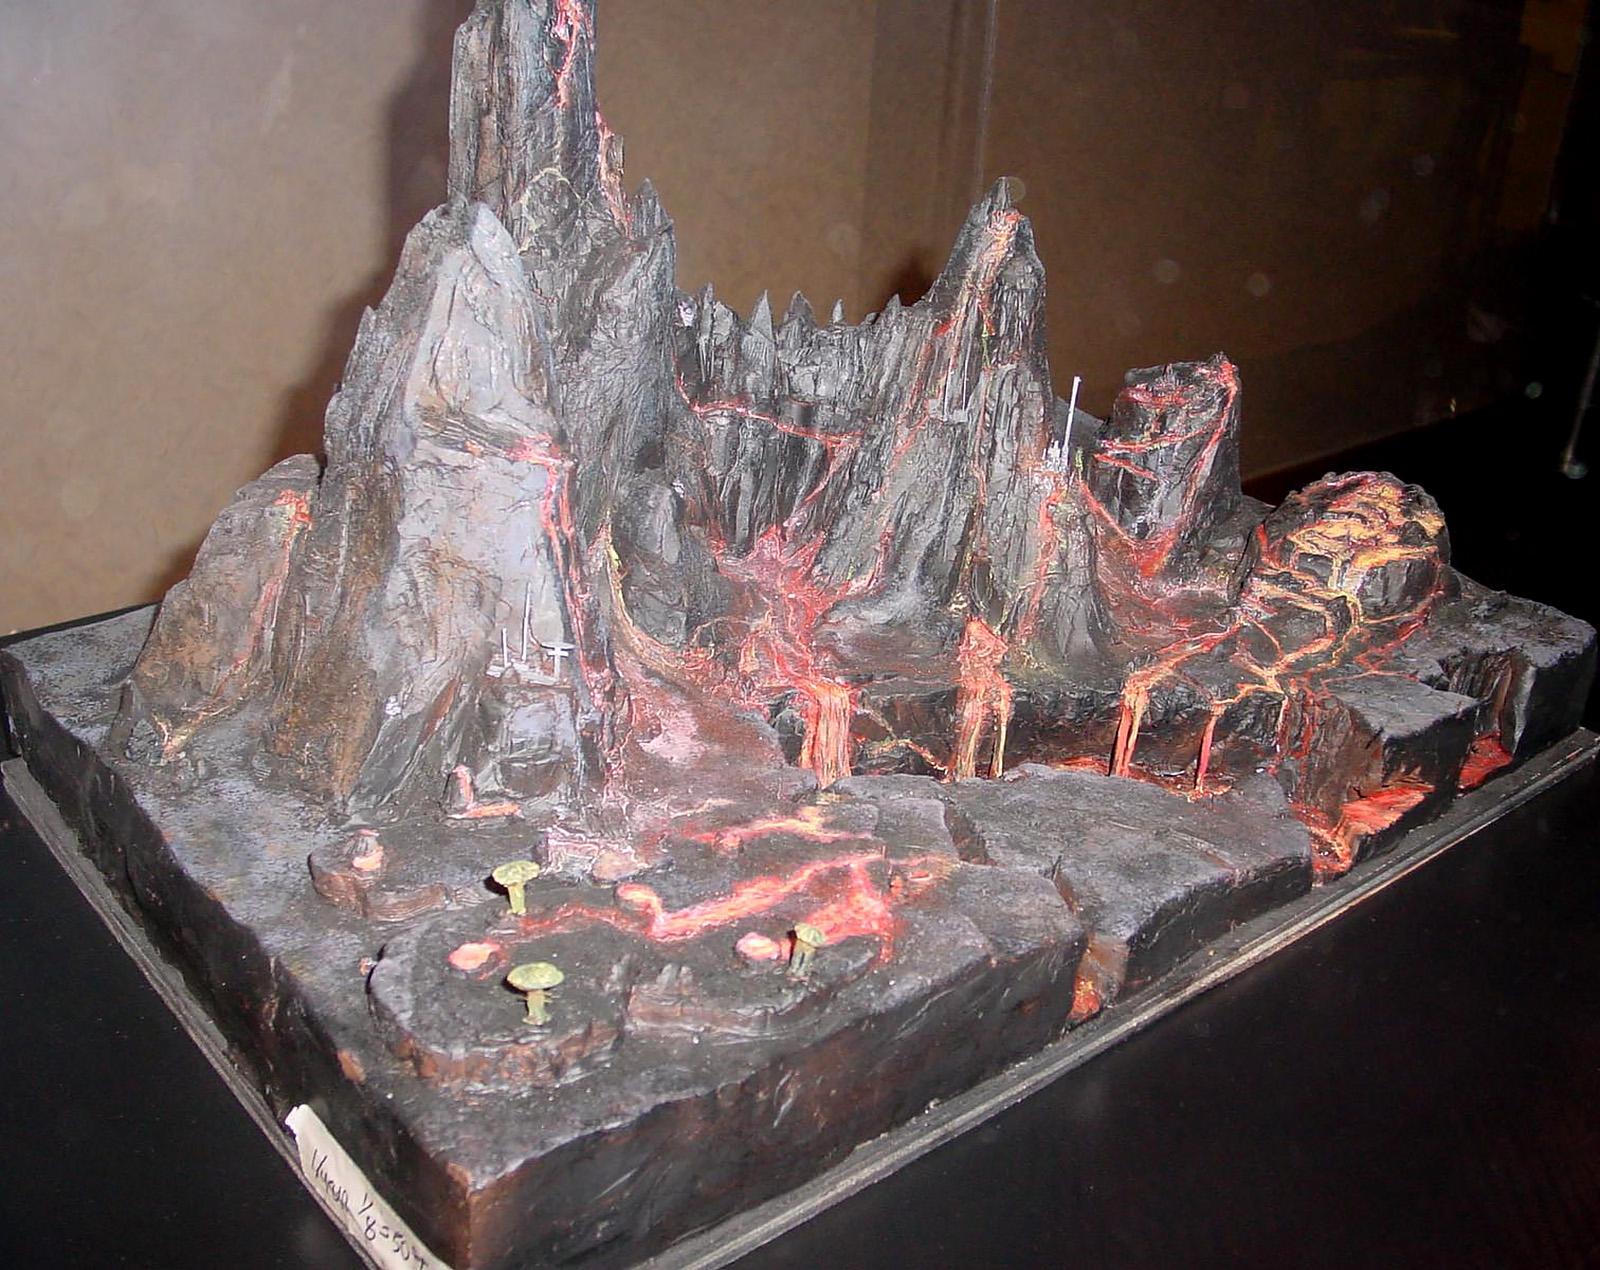 Mustafar Volcano Model